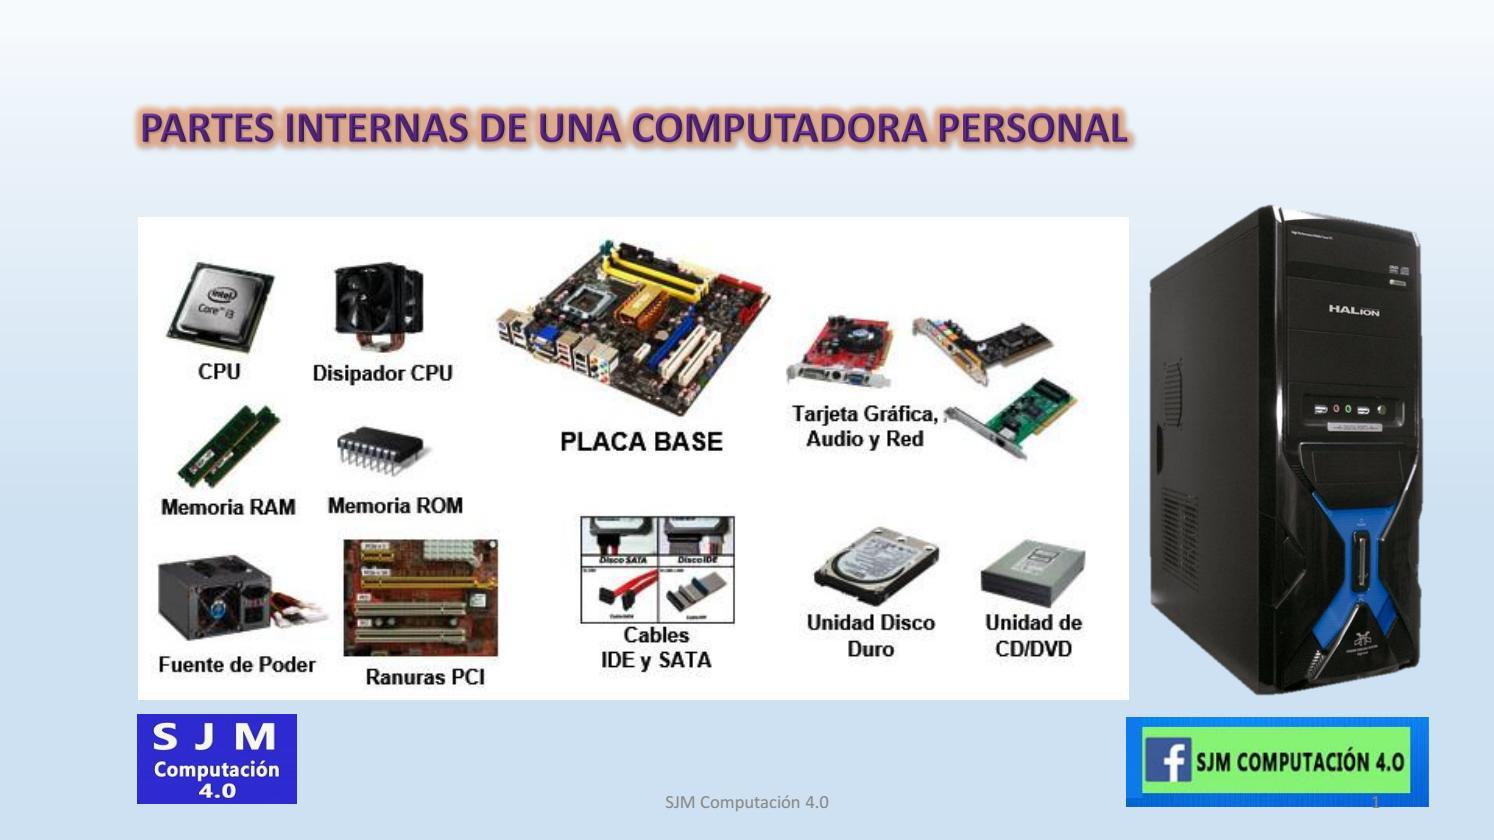 PARTES INTERNAS DE UNA COMPUTADORA PERSONAL by EMERSON51 - issuu